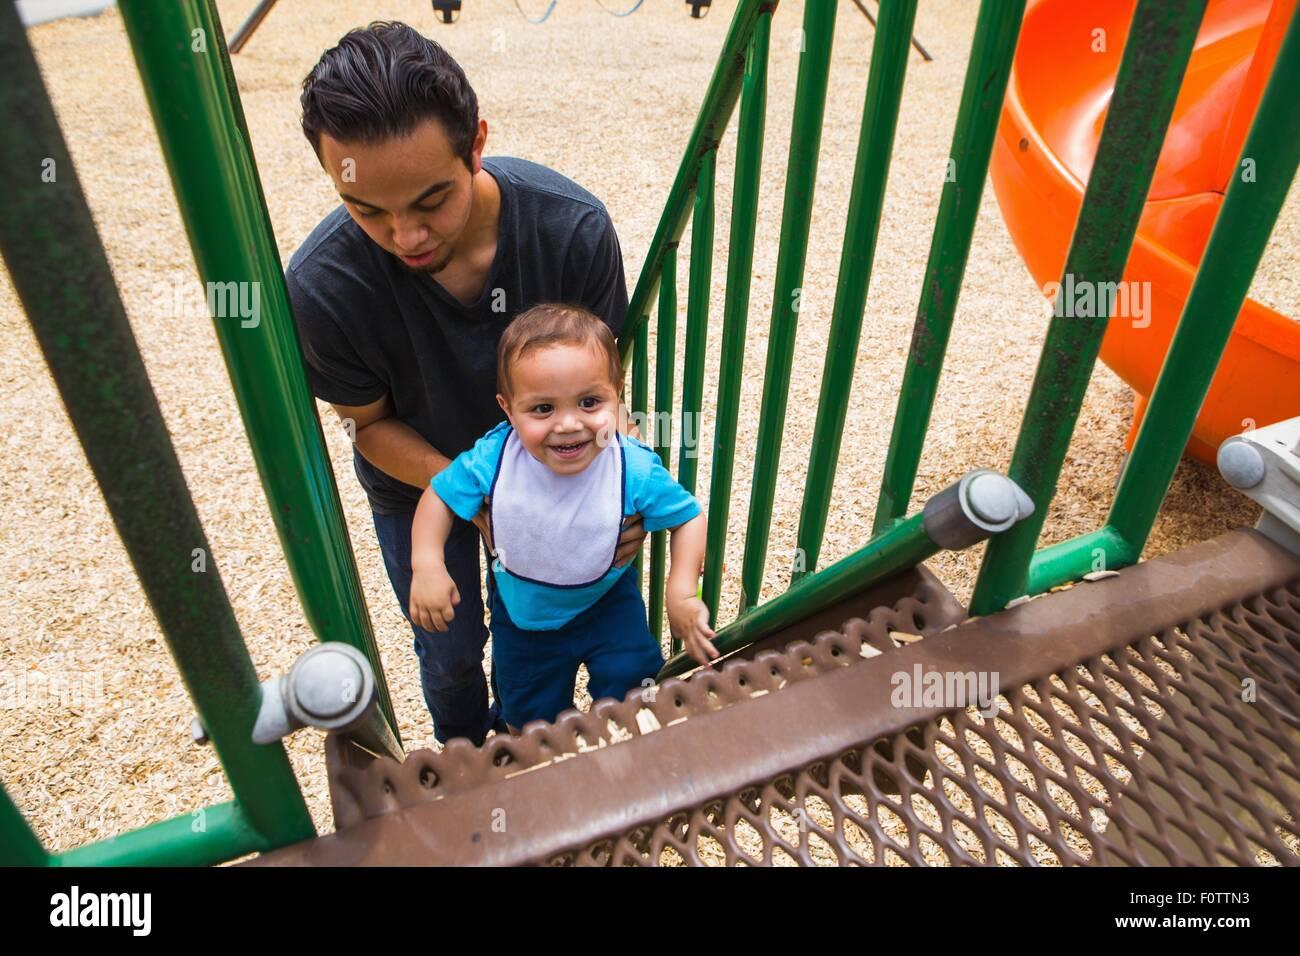 Junger Mann guiding Kleinkind Bruder Spielplatz Rutsche Treppe hinauf Stockbild